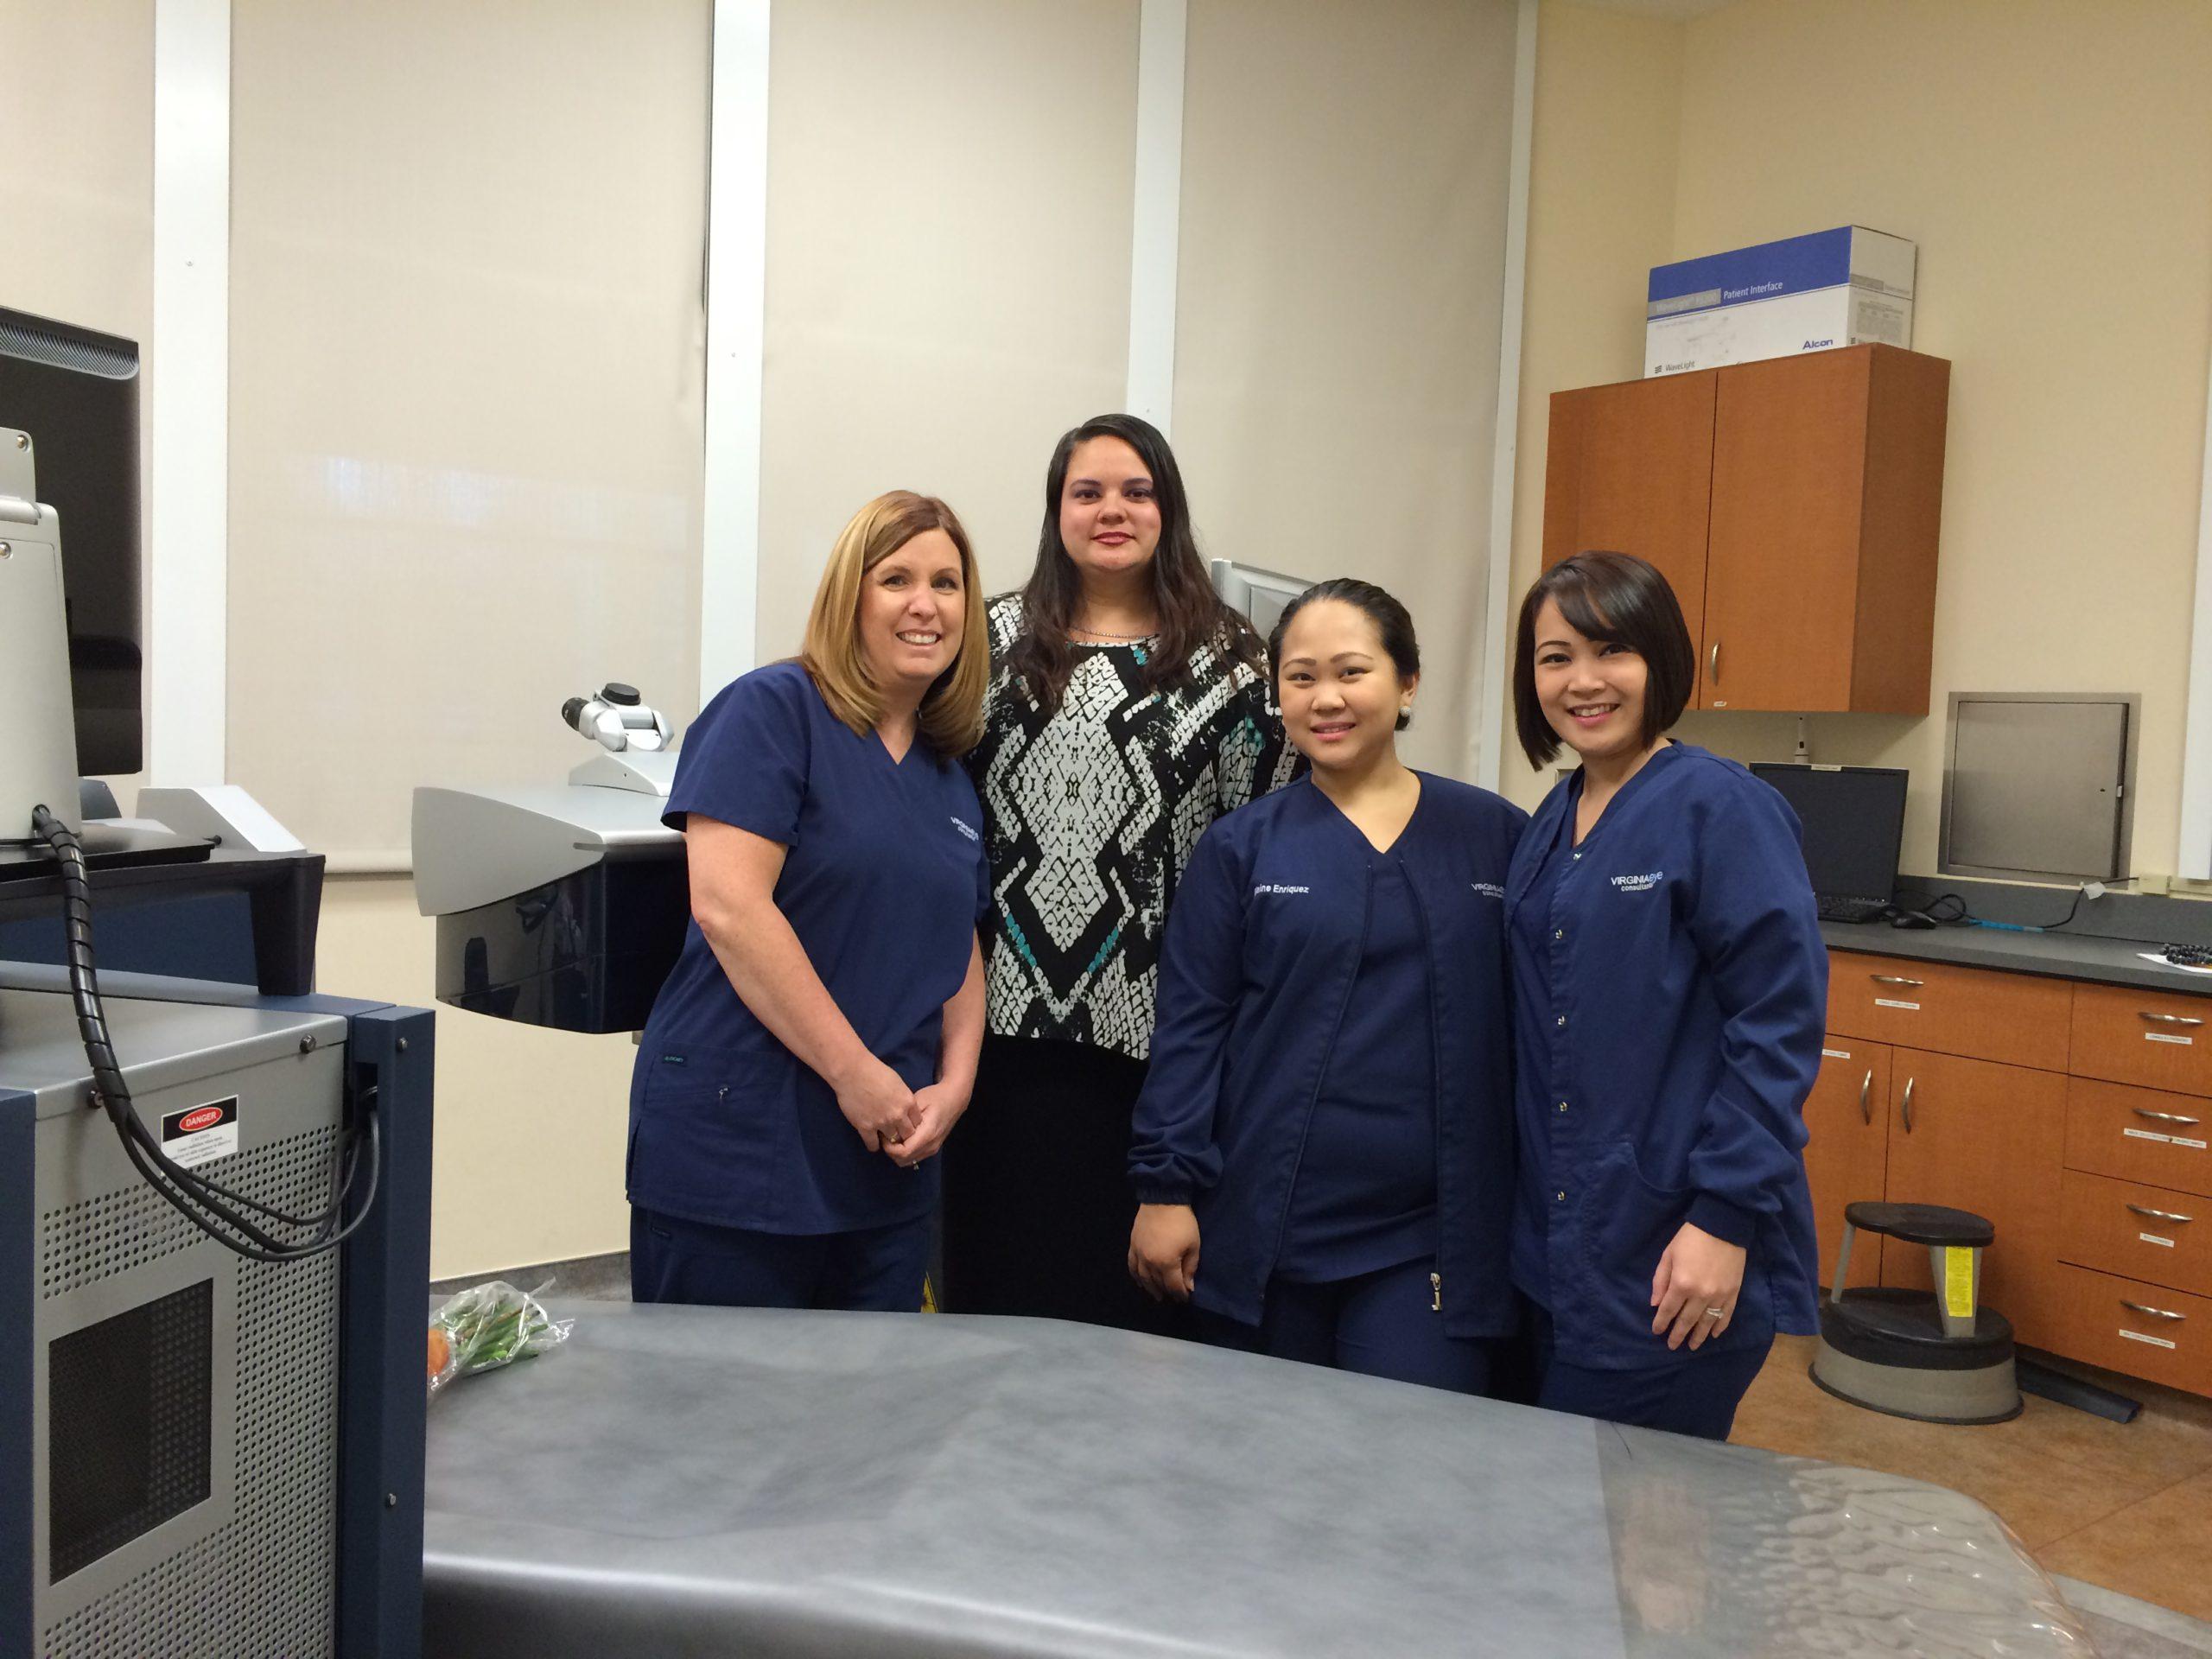 Leasa Meroney, Refractive Coordinator; Shannon Flores; Ellaine Enriquez, COMT; Florence Padua, COMT